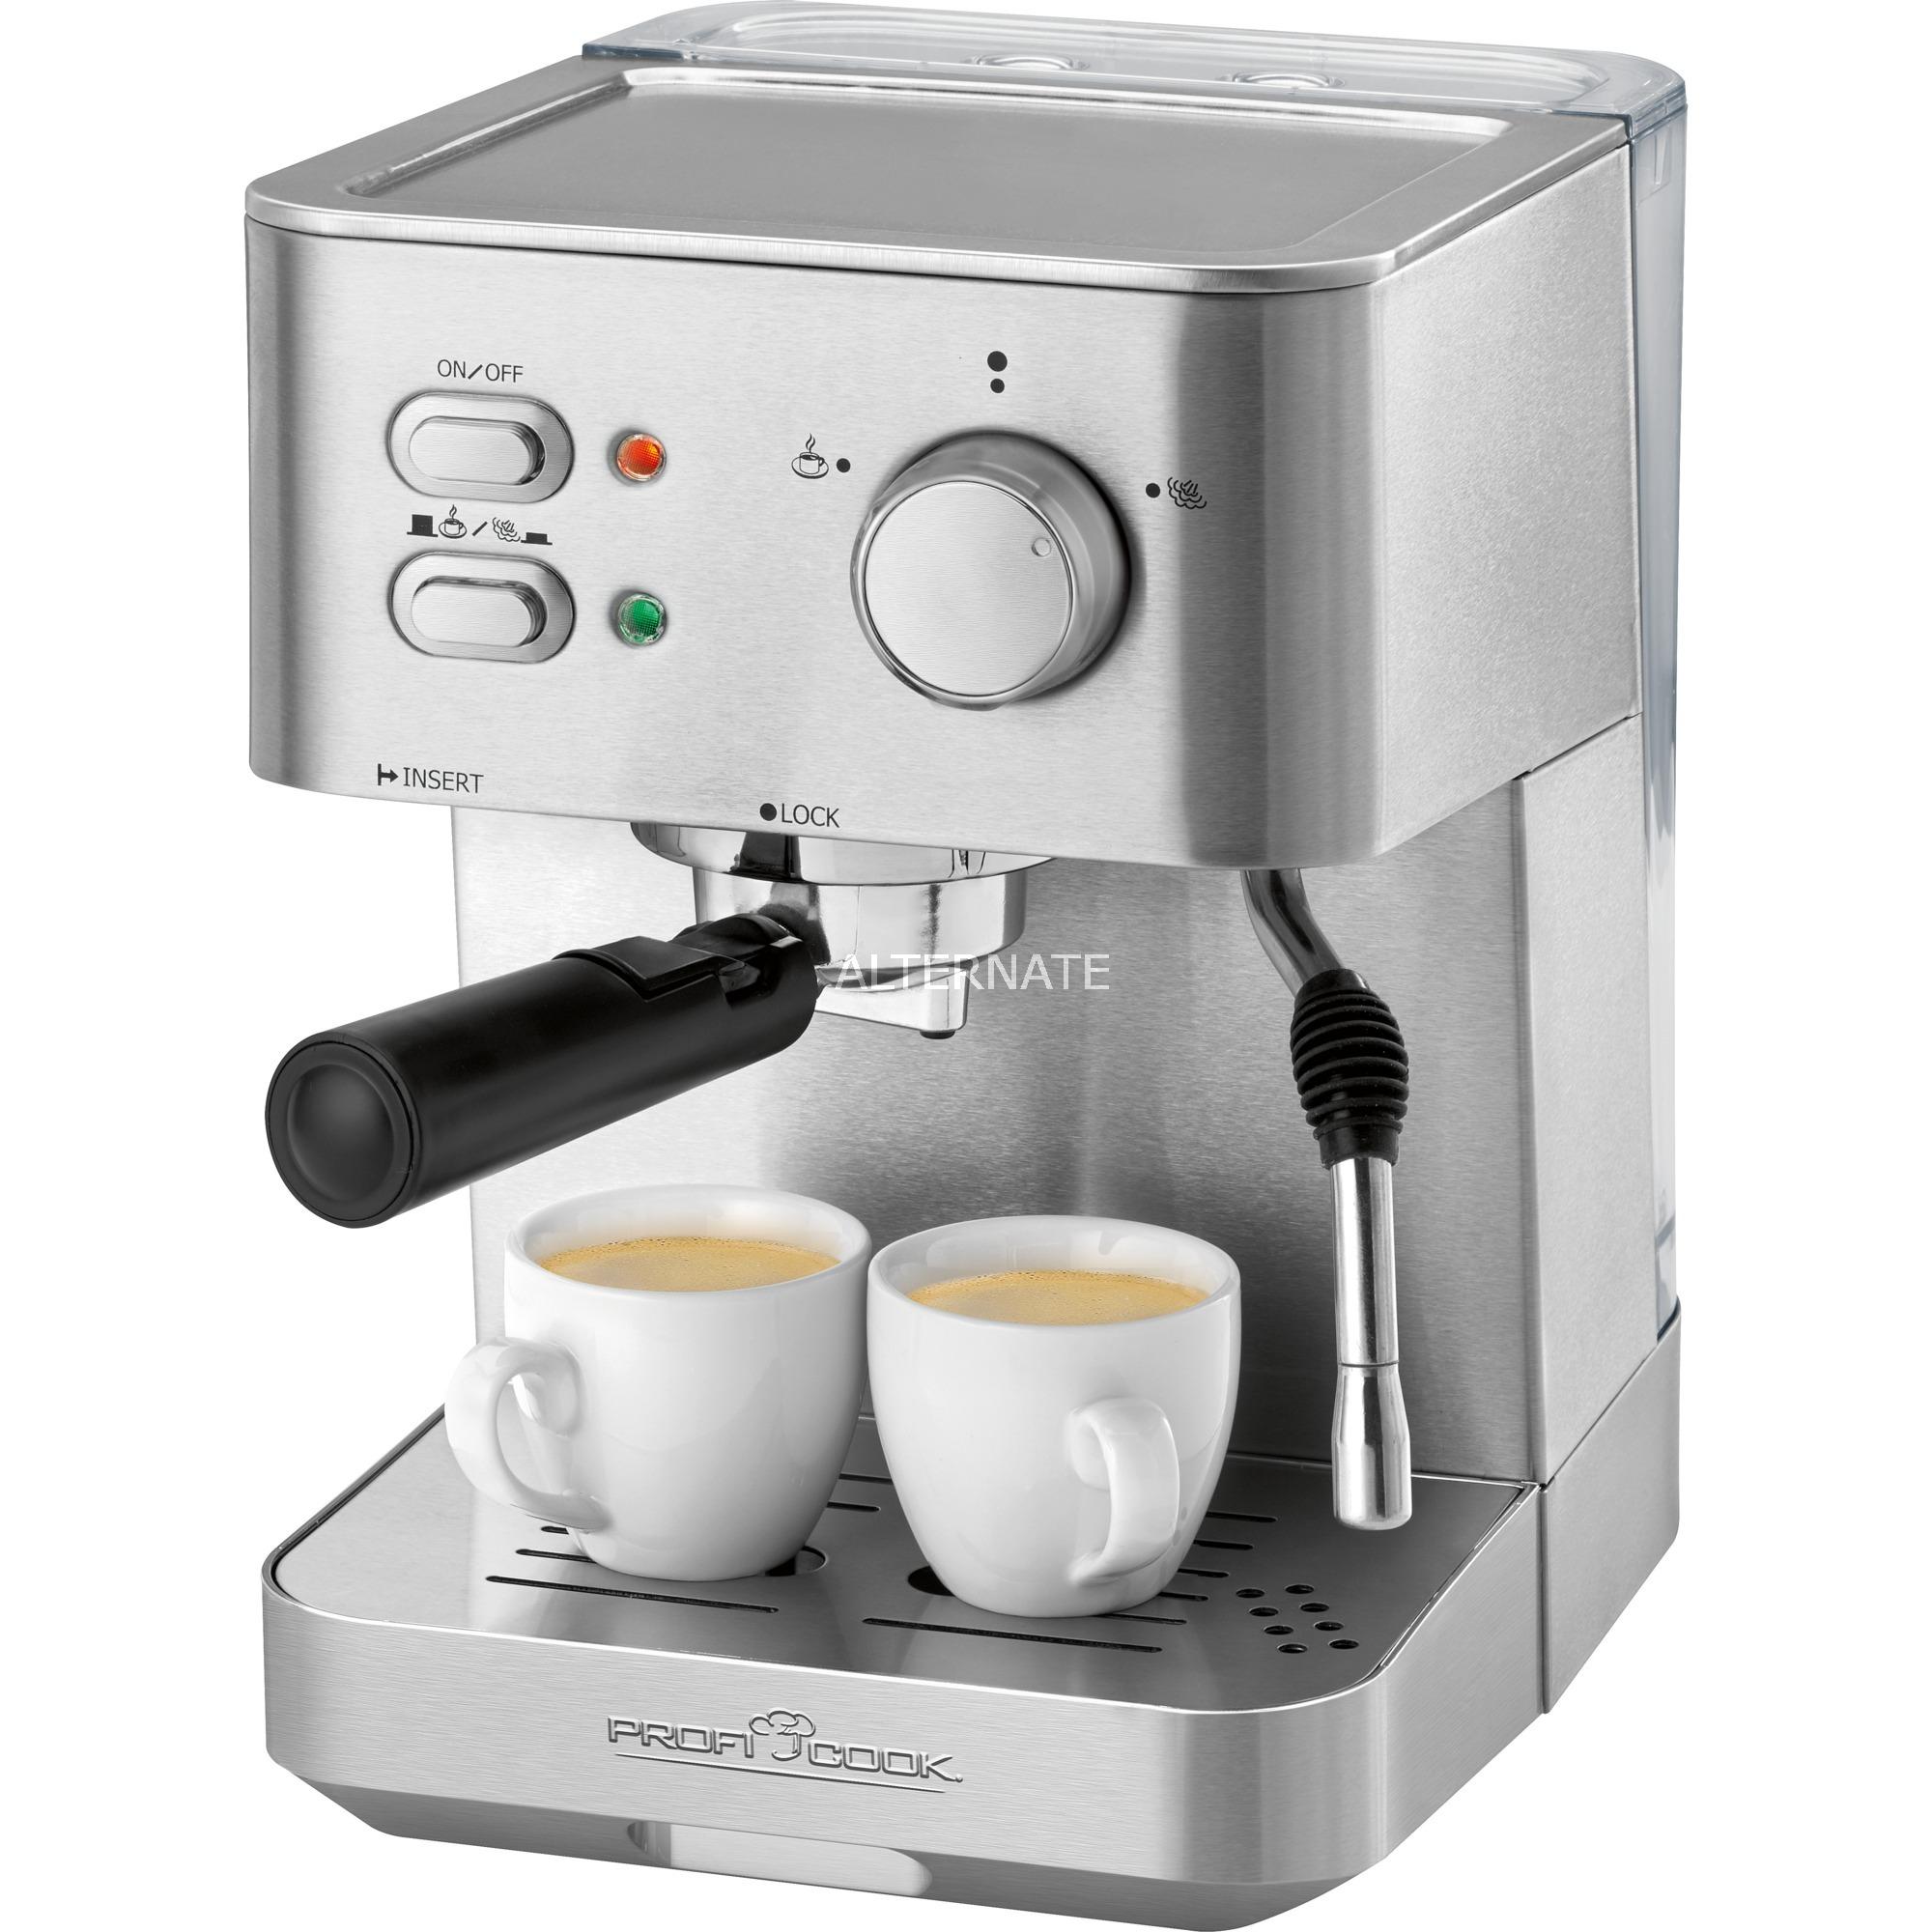 PC-ES 1109 Encimera Máquina espresso 1,5 L, Cafetera espresso